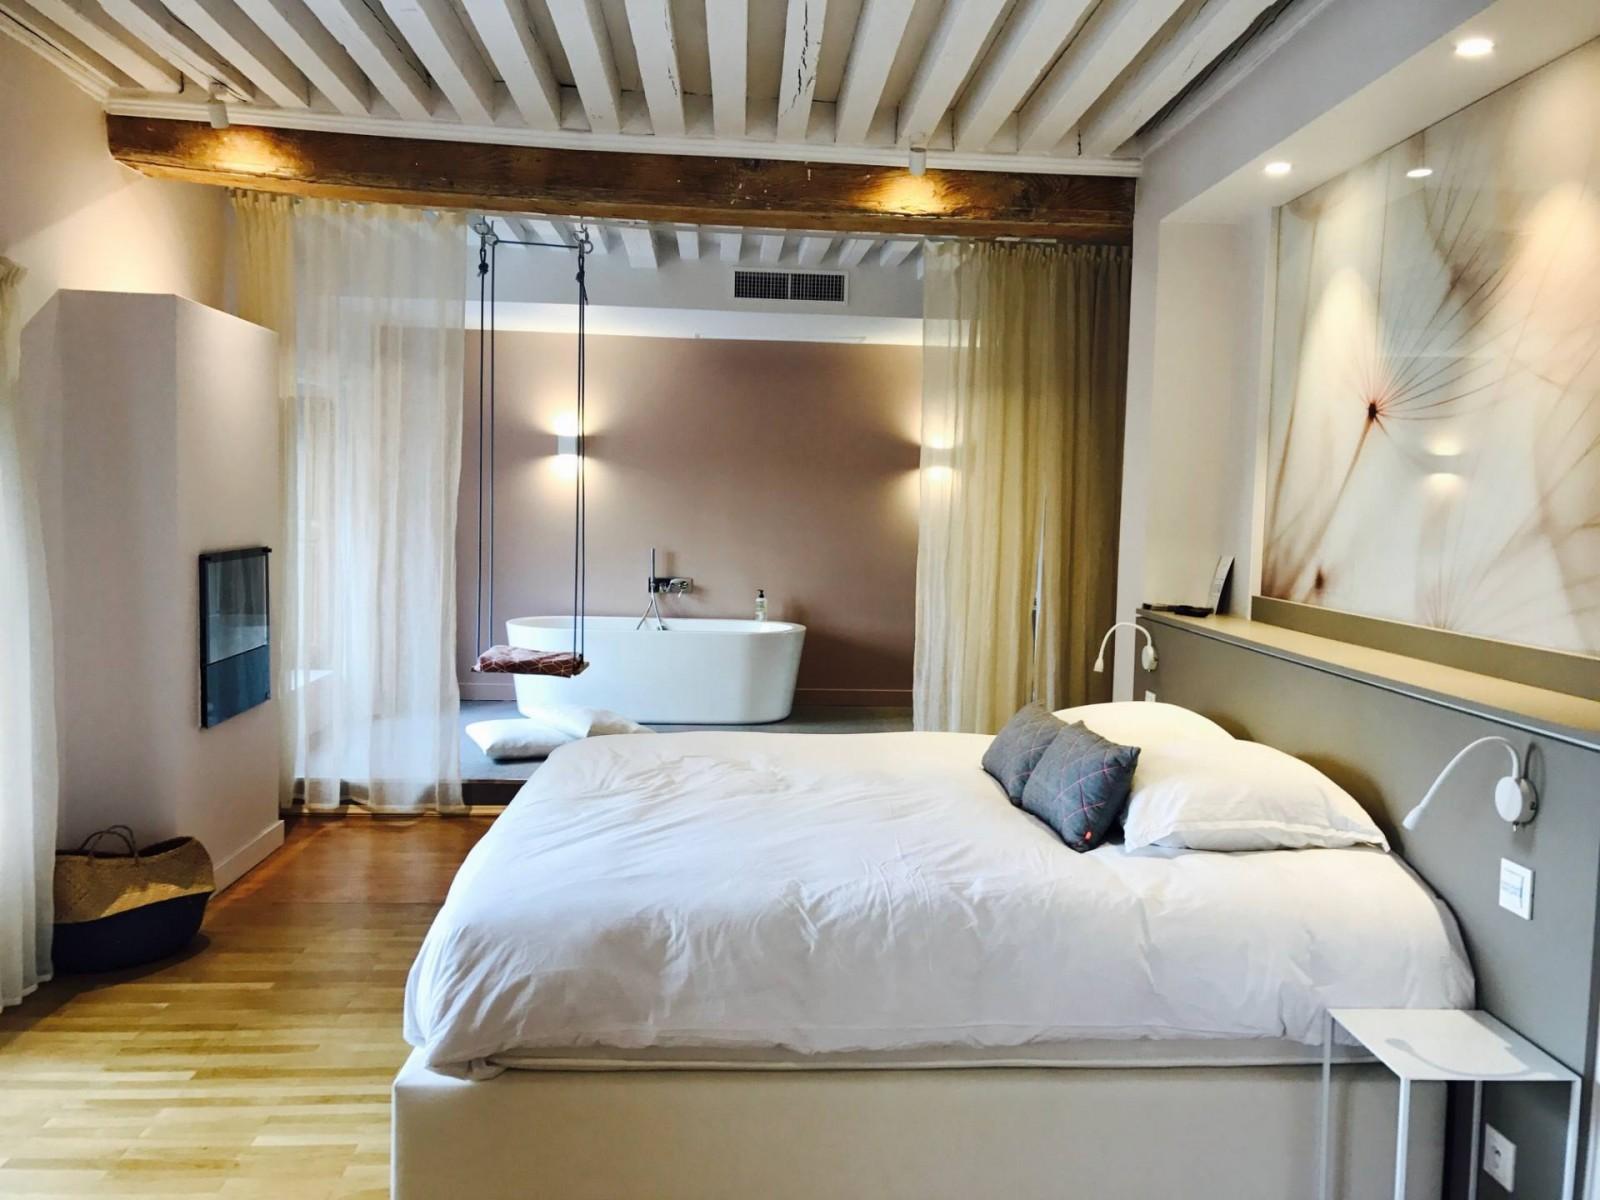 SUITE AVEC BALANÇOIRE AU MI HOTEL